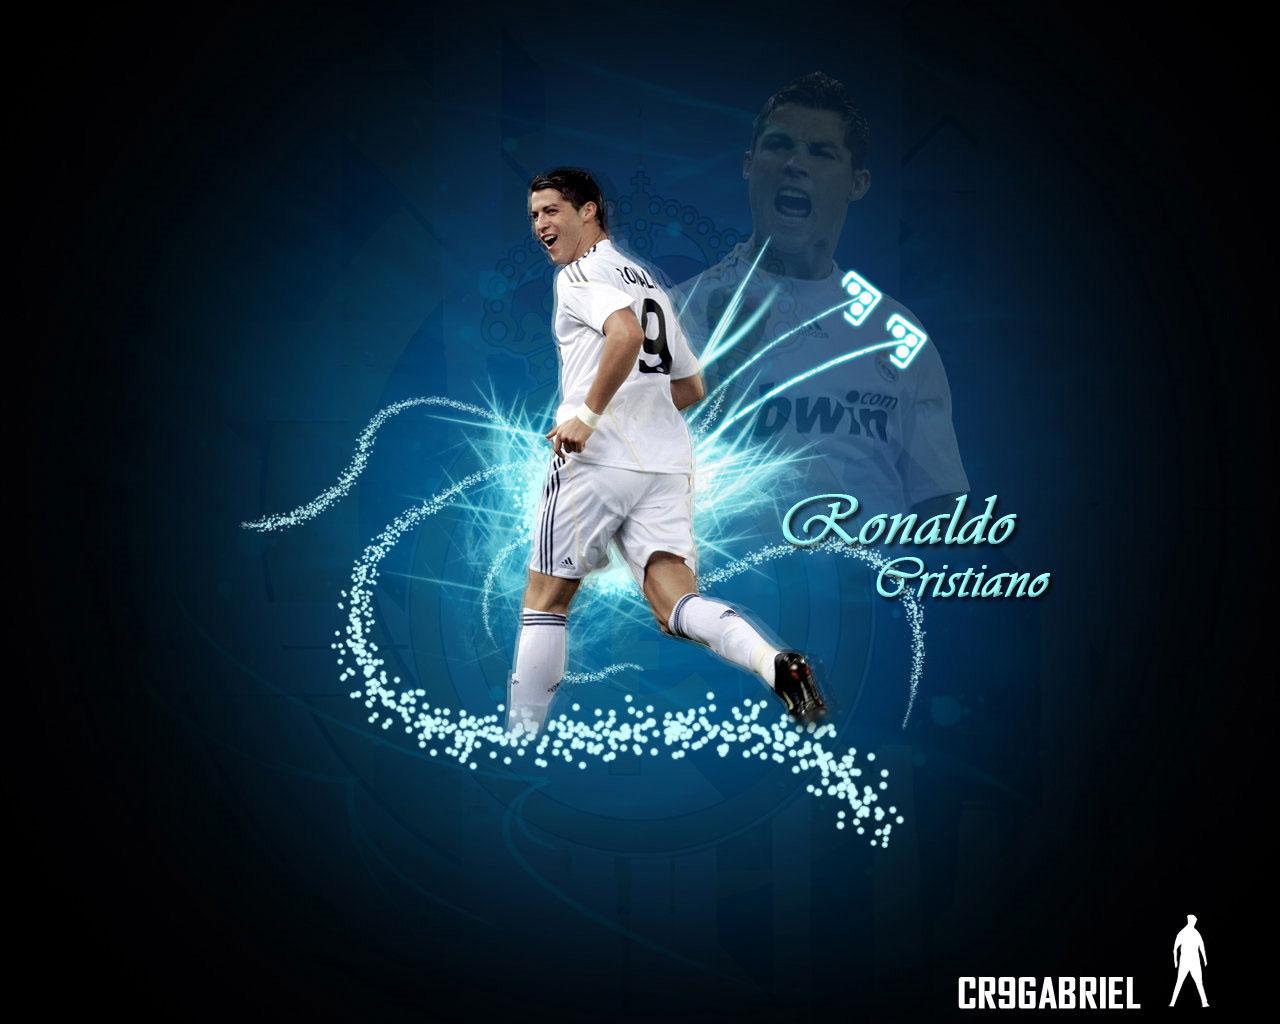 Download Cristiano Ronaldo Nike Wallpaper 2013 Cristiano Ronaldo